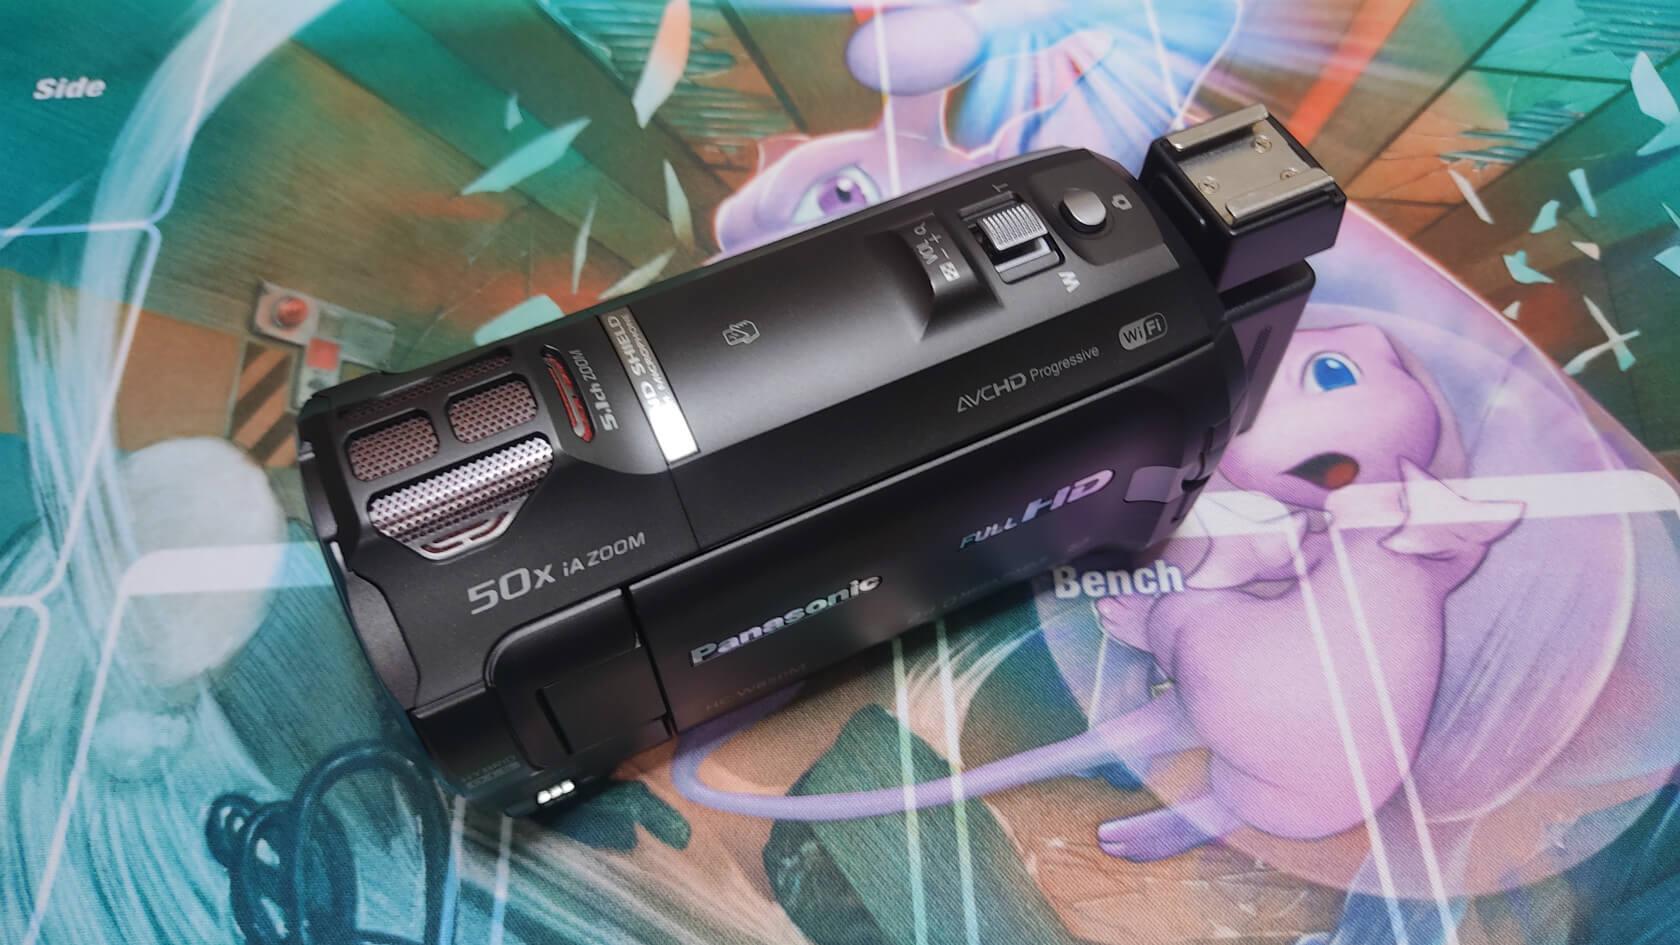 ポケカYouTuberにおすすめの動画カメラ①【型落ちビデオカメラ】/撮影しやすく高性能。まさに動画のためのカメラ